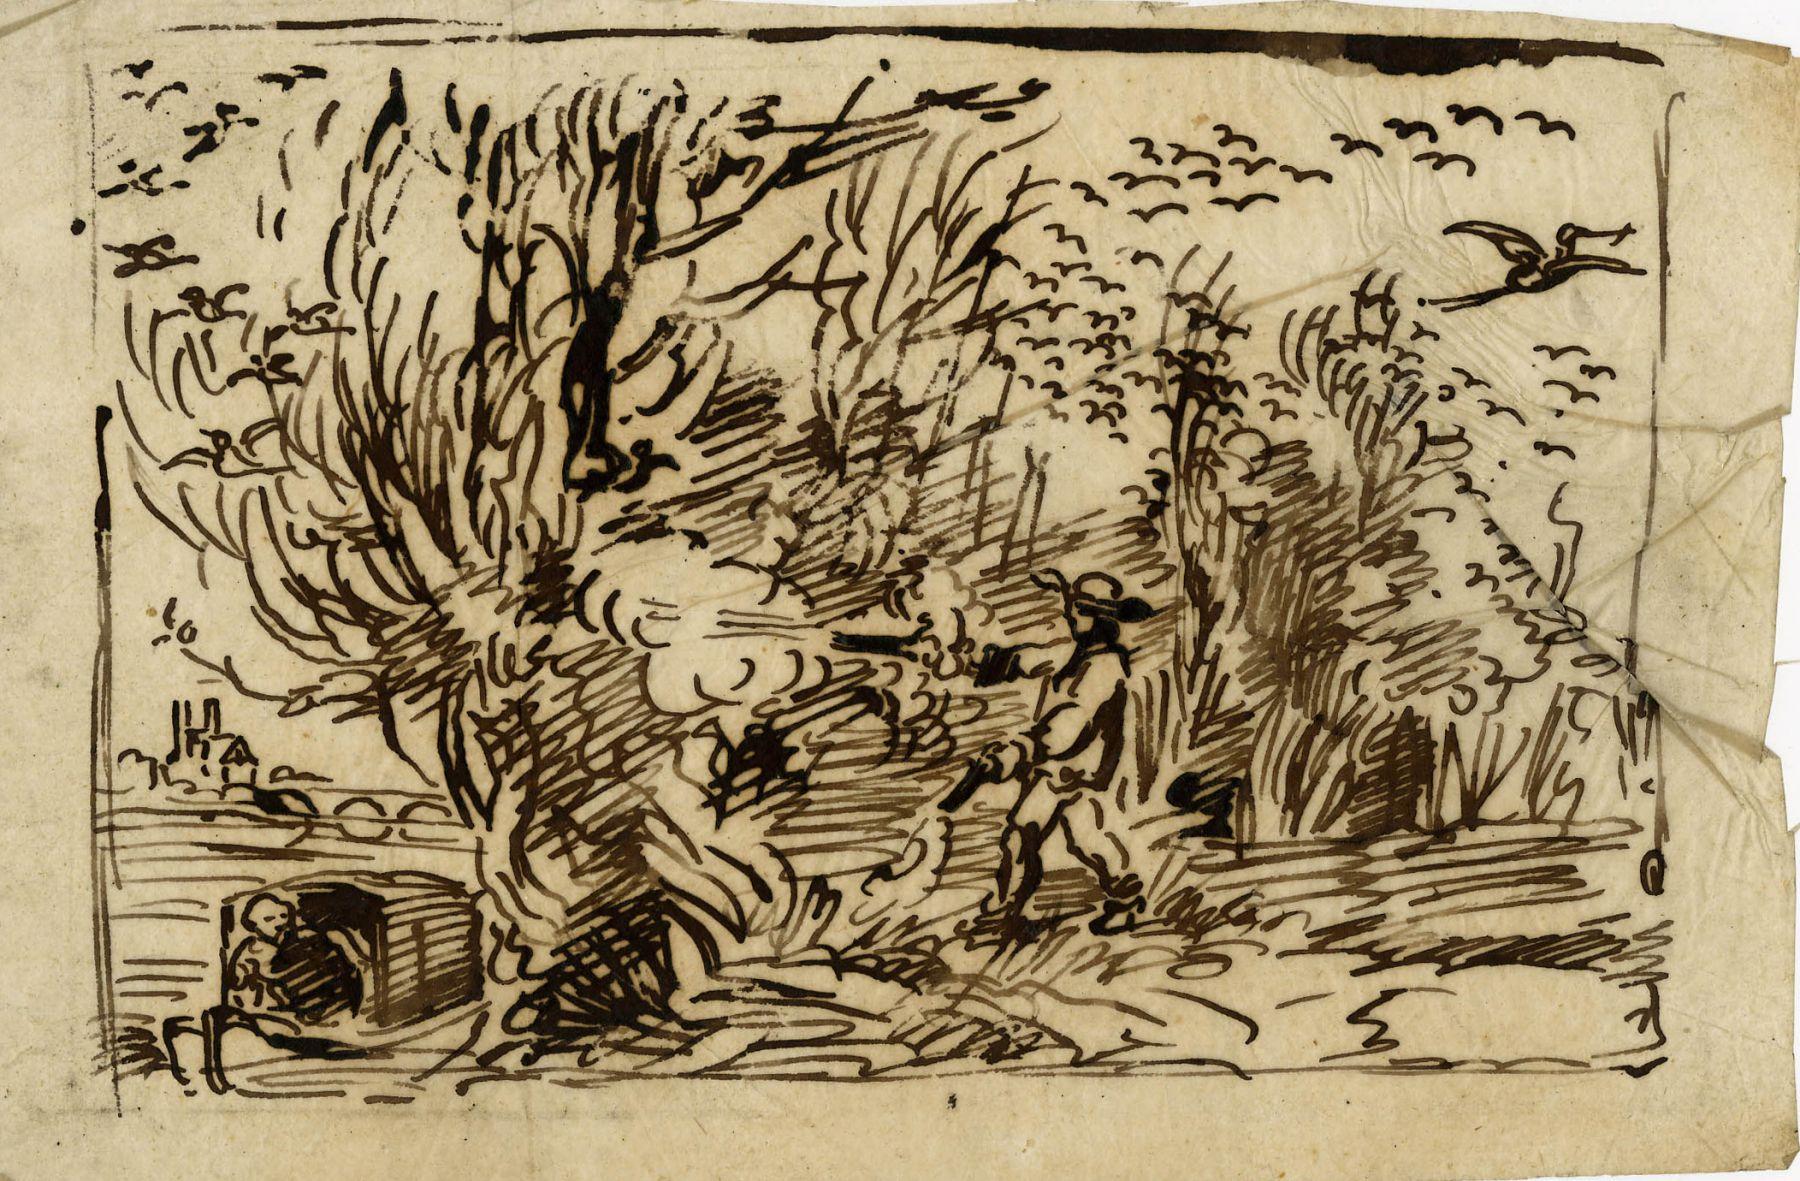 Charles F. Daubigny, La Chasse aux oiseaux: le mousse faisant peur au oiseaux    Pen and ink on papier calque 4 3/4 x 7 1/8 inches